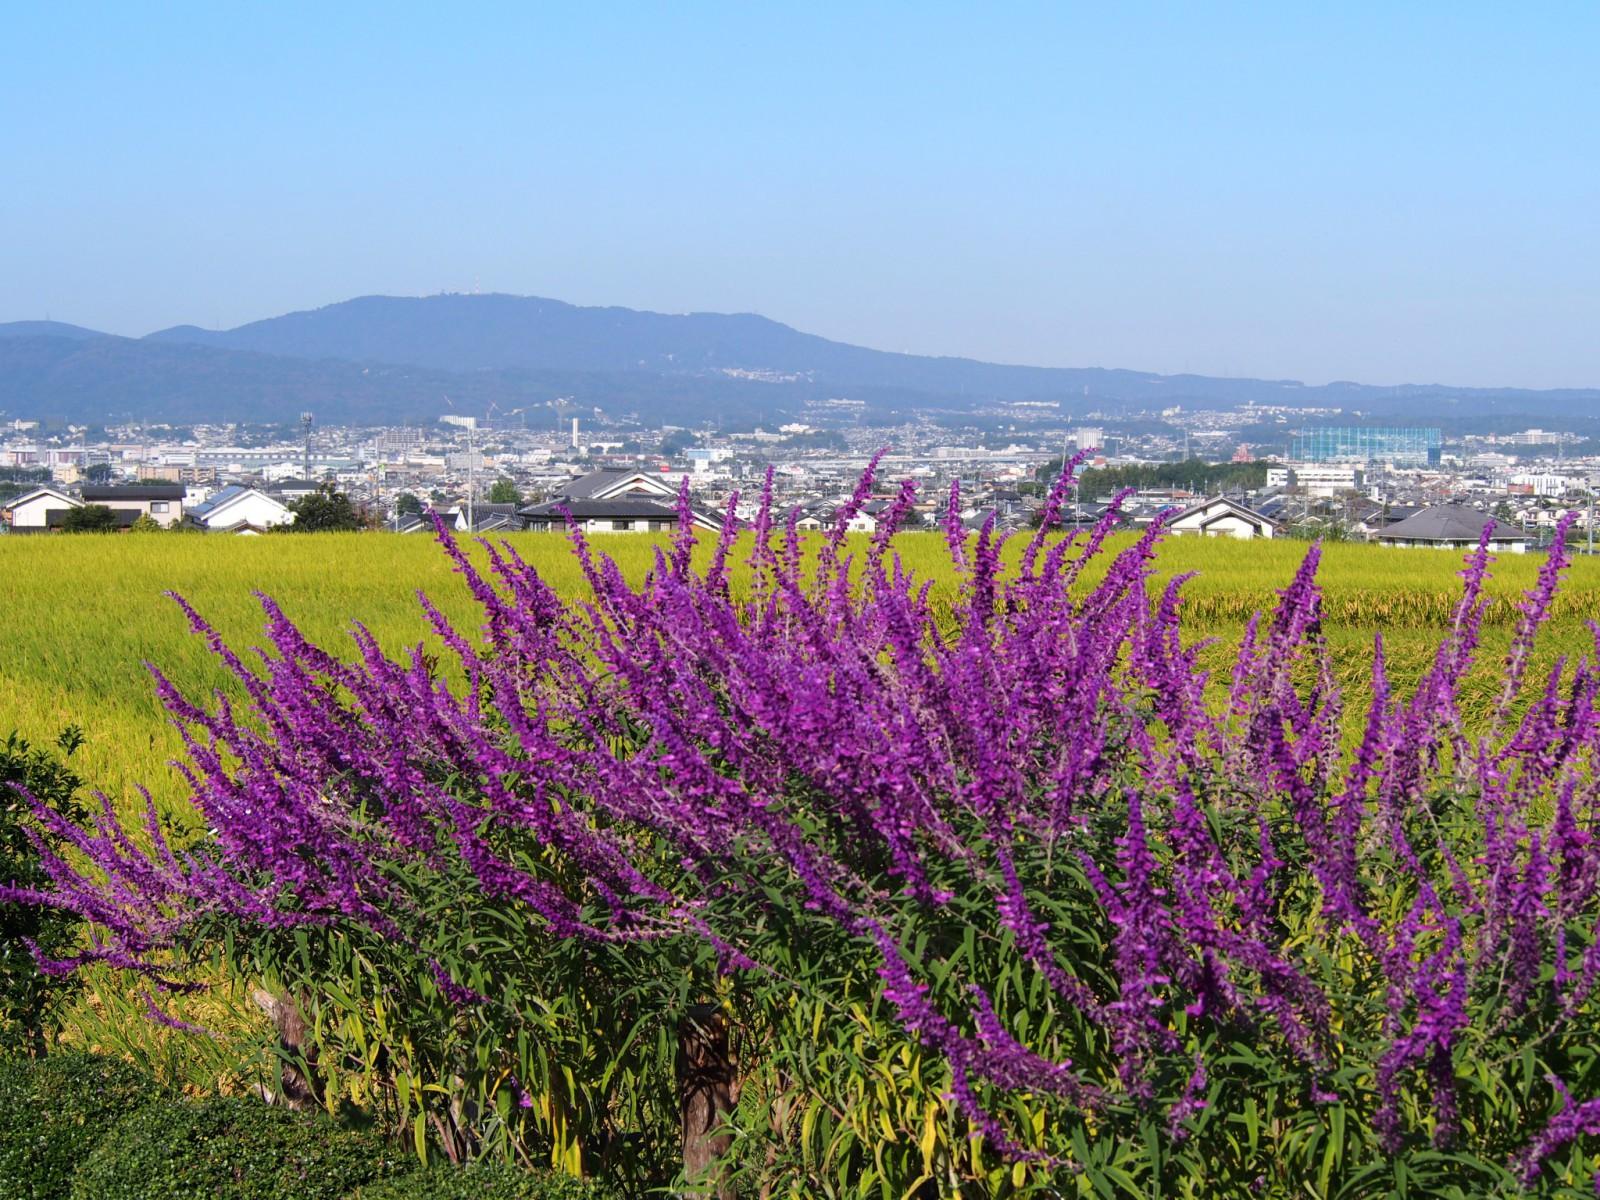 10月上旬の「山辺の道」の風景(奈良市八島町)